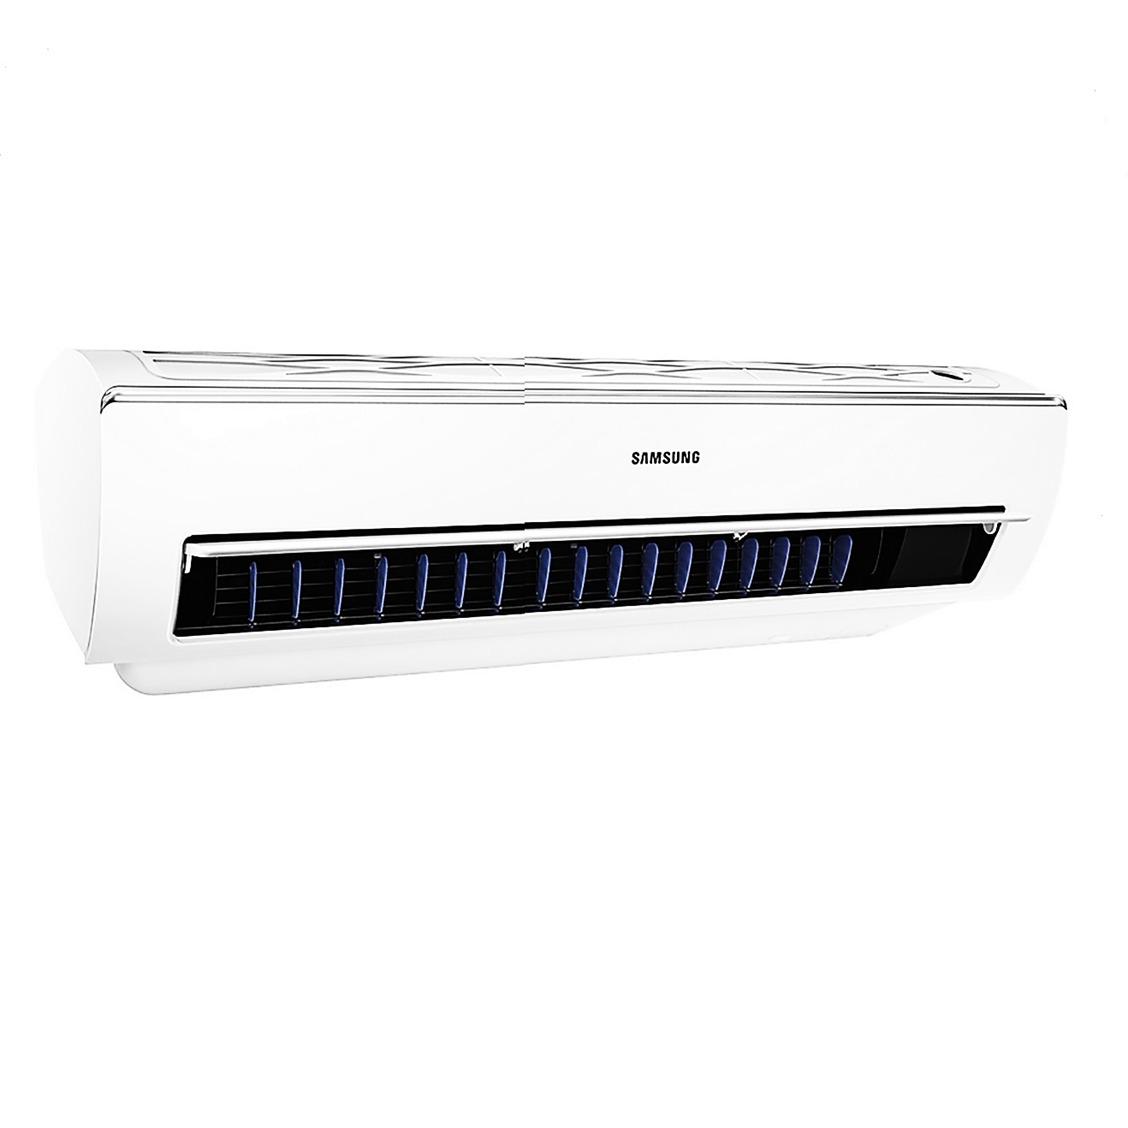 Aire acondicionado samsung 1 ton 12000 btus solo frio 220v for Aire acondicionado 12000 frigorias